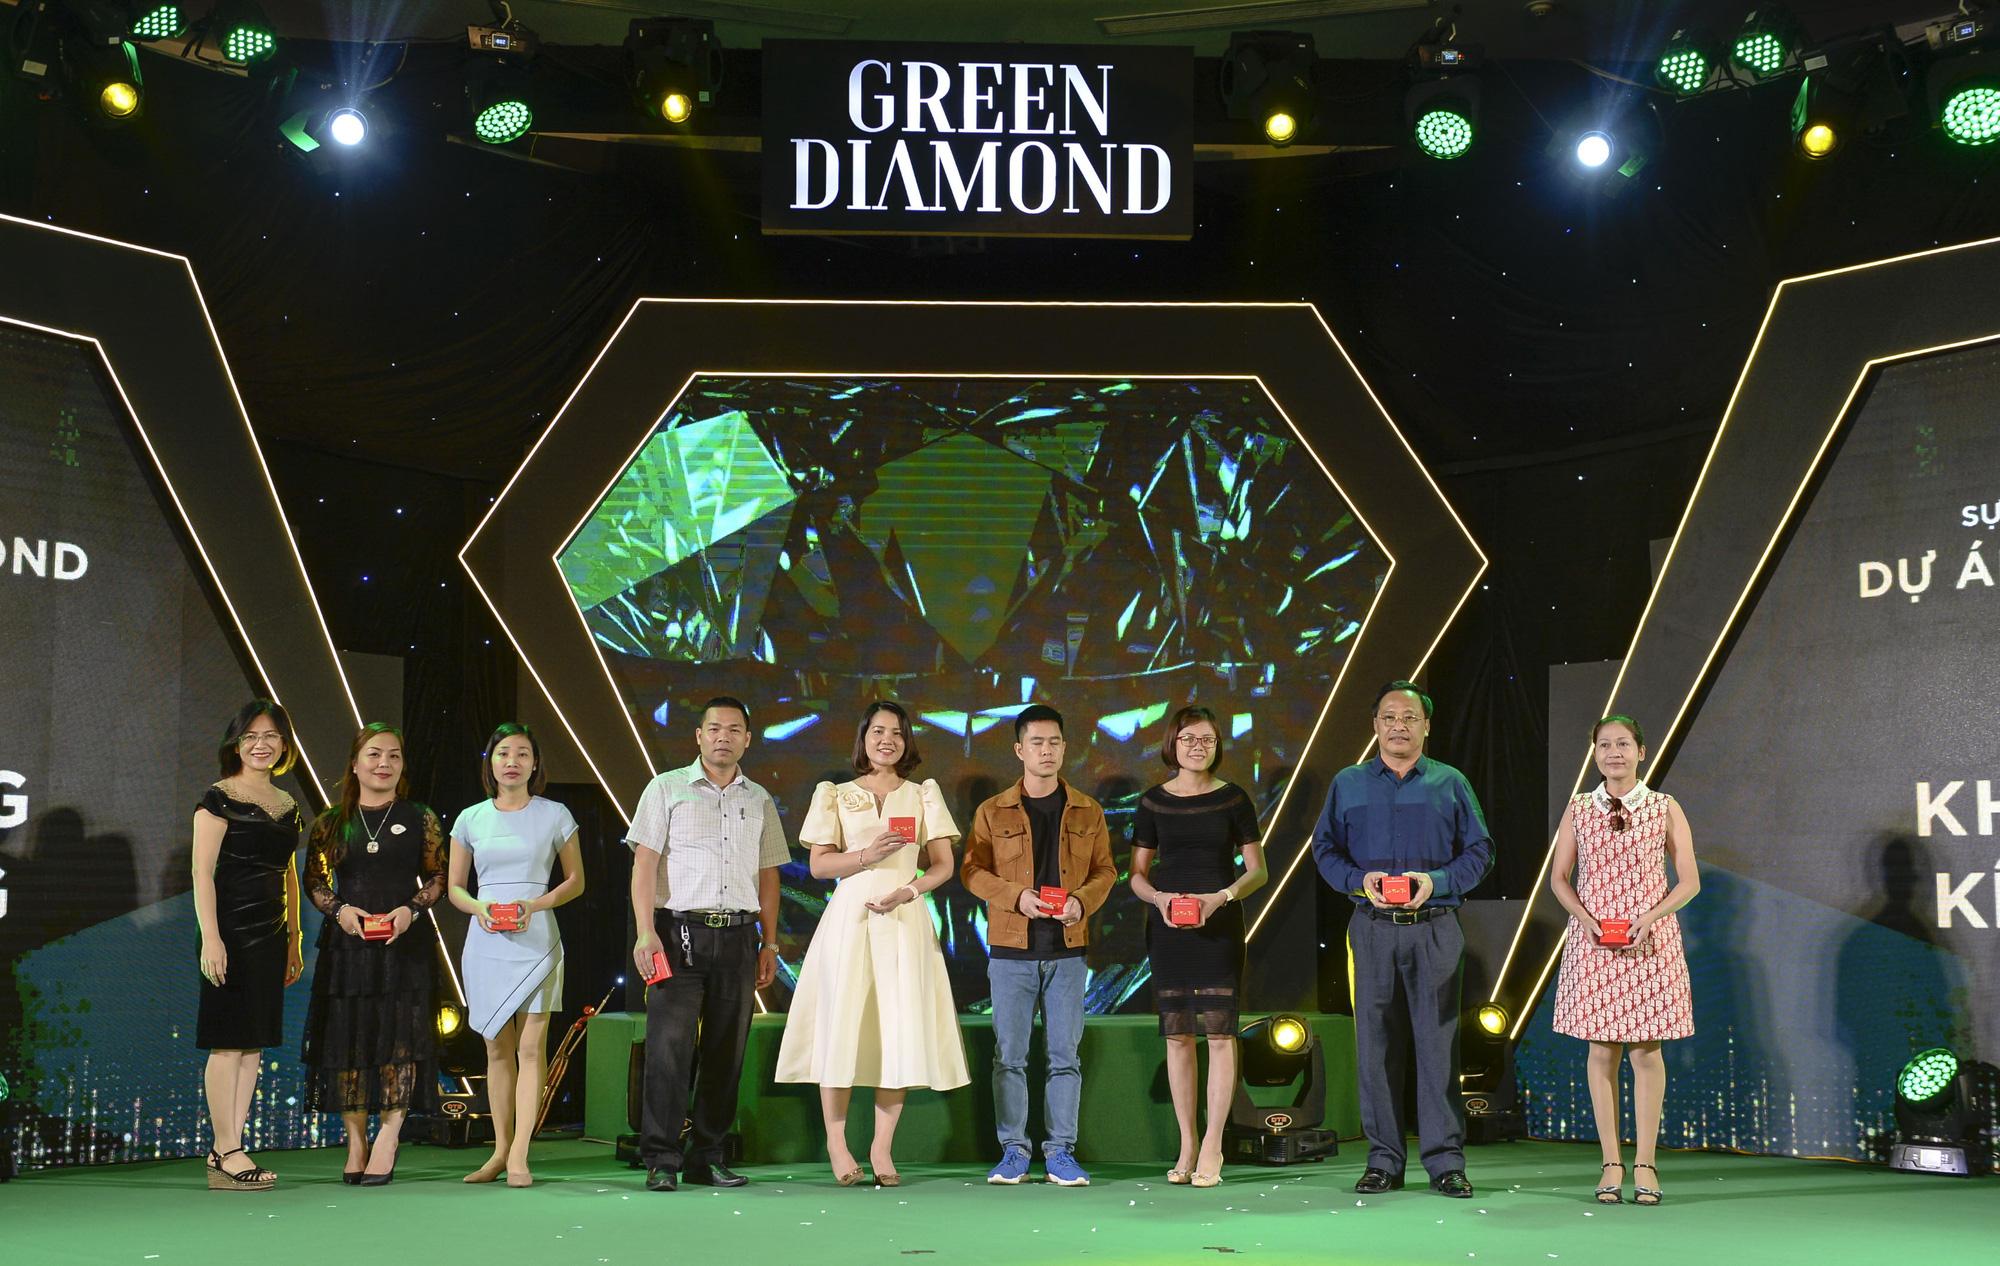 """Quảng Ninh: """"Kiệt tác công nghệ xanh"""" Green Diamond gây sốt thị trường miền Bắc - Ảnh 4."""